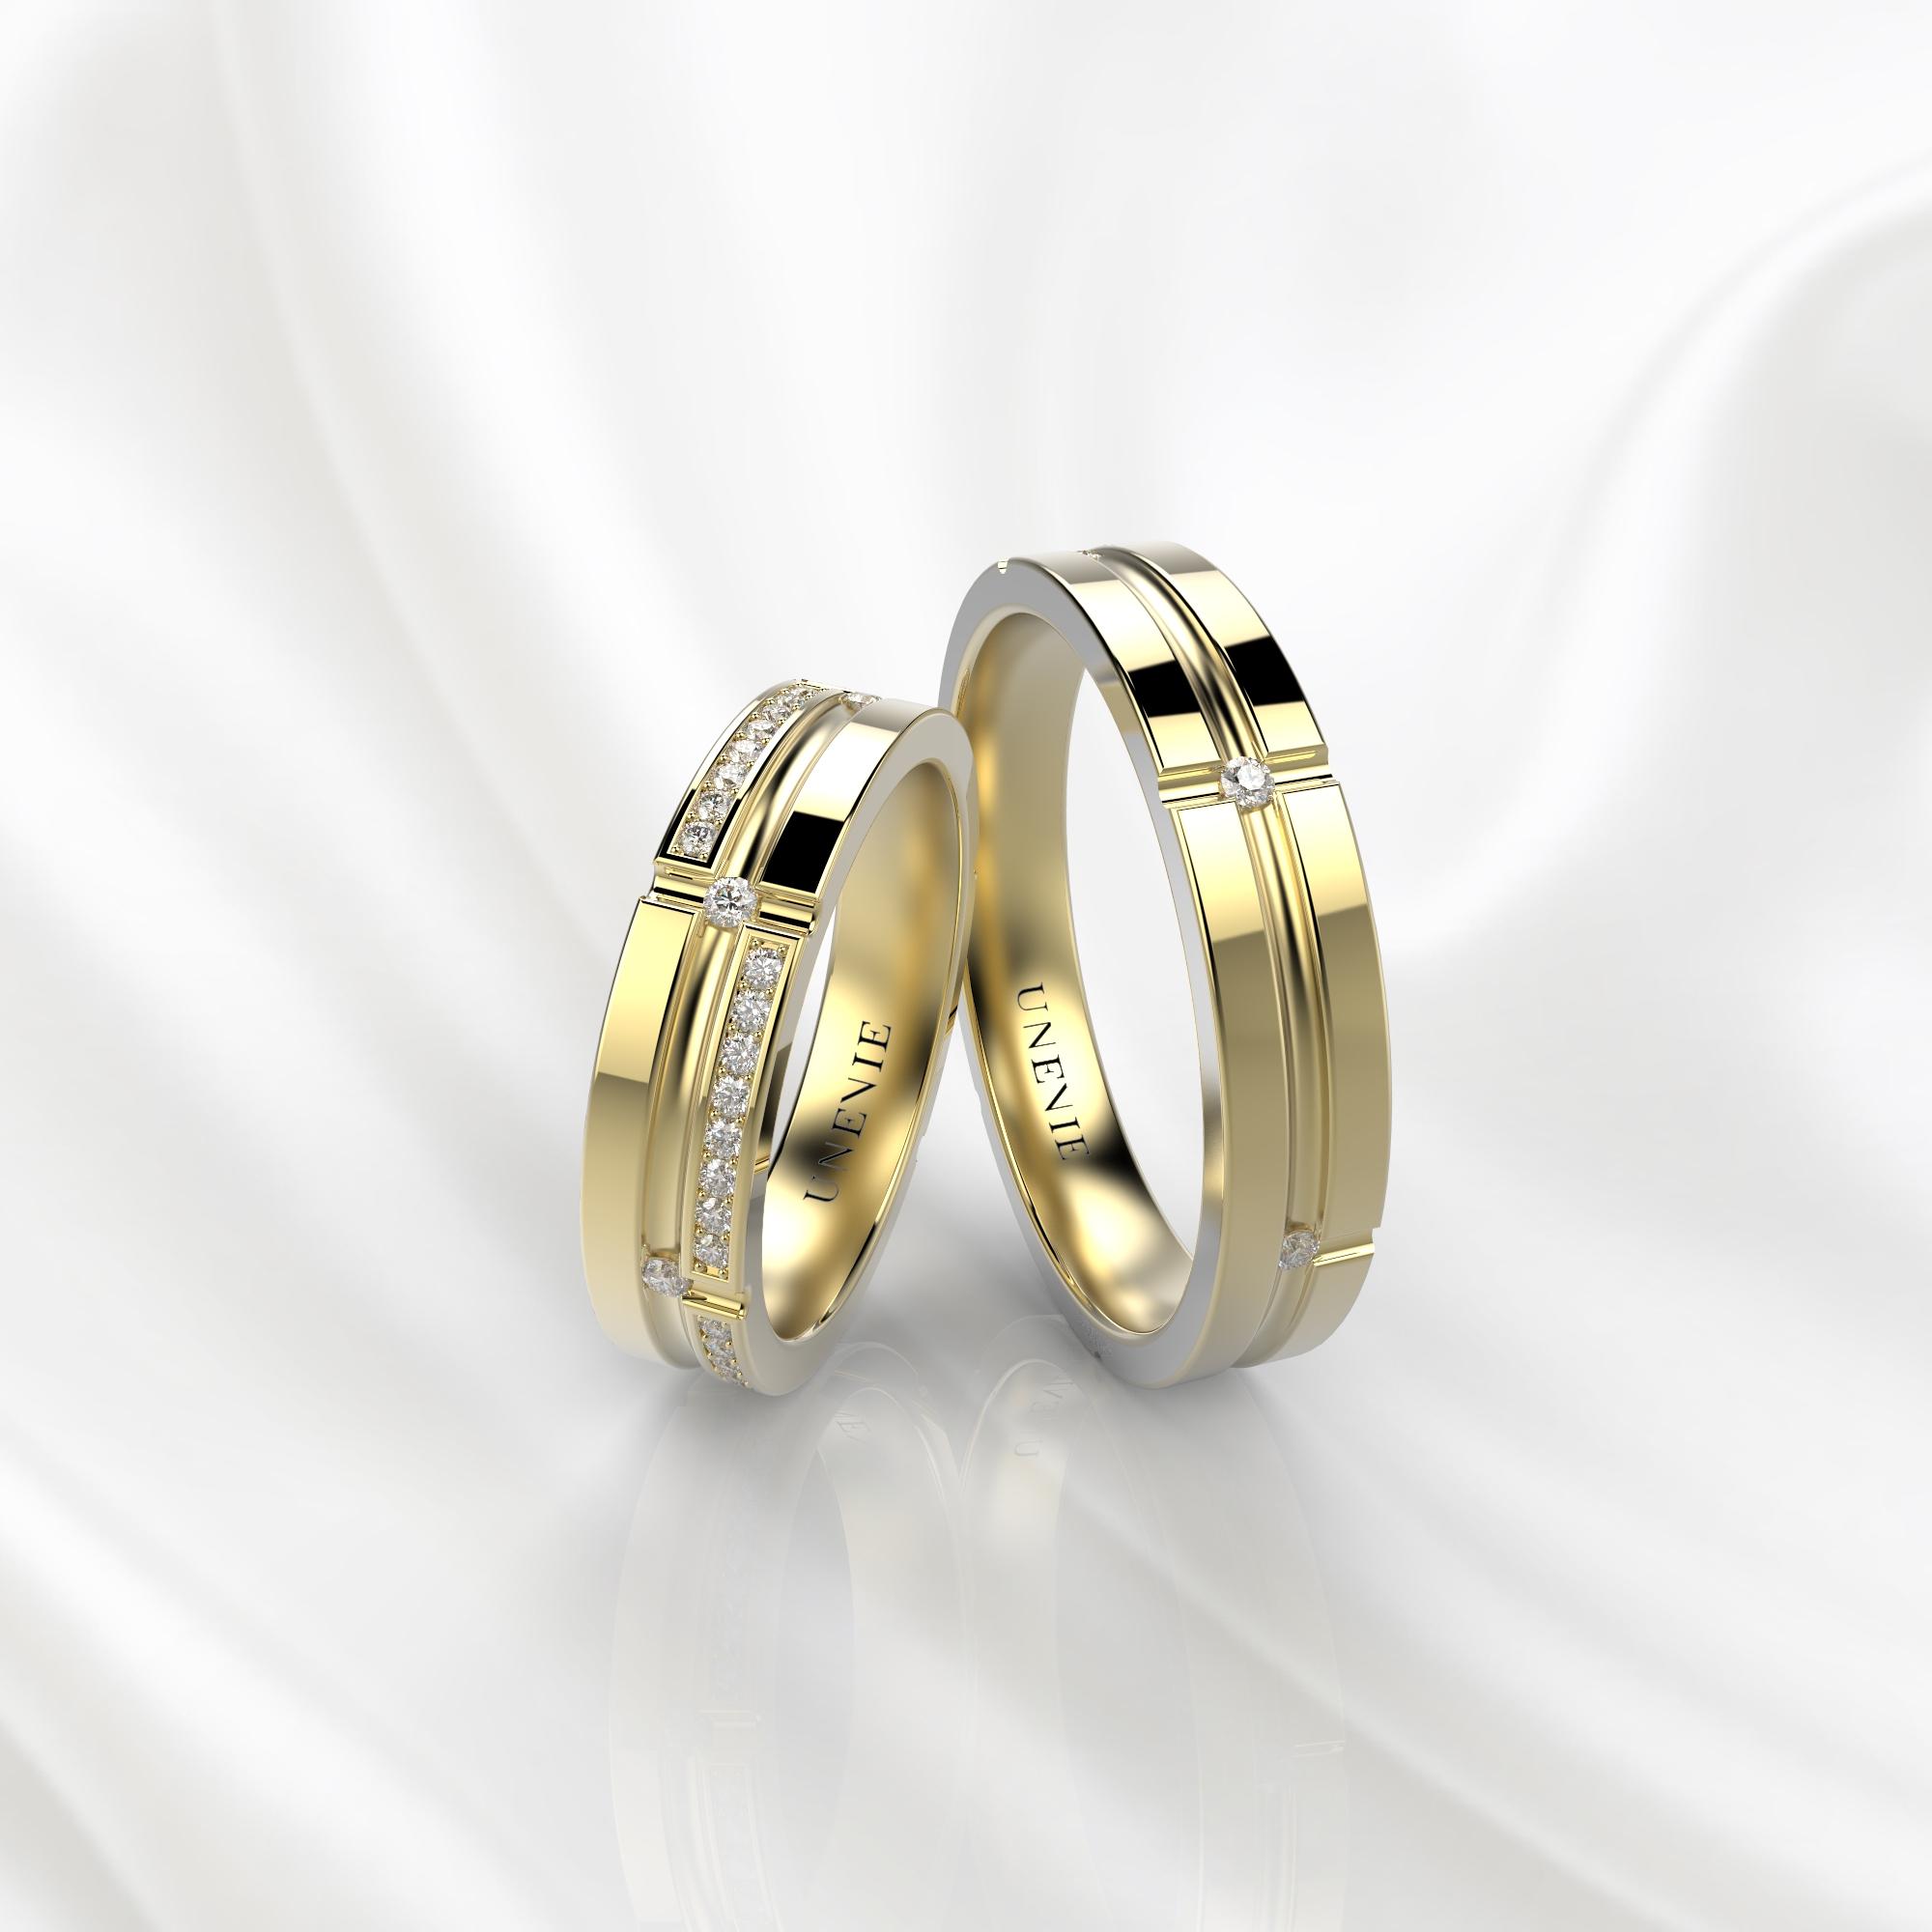 NV39 Обручальные кольца из желтого золота с бриллиантами